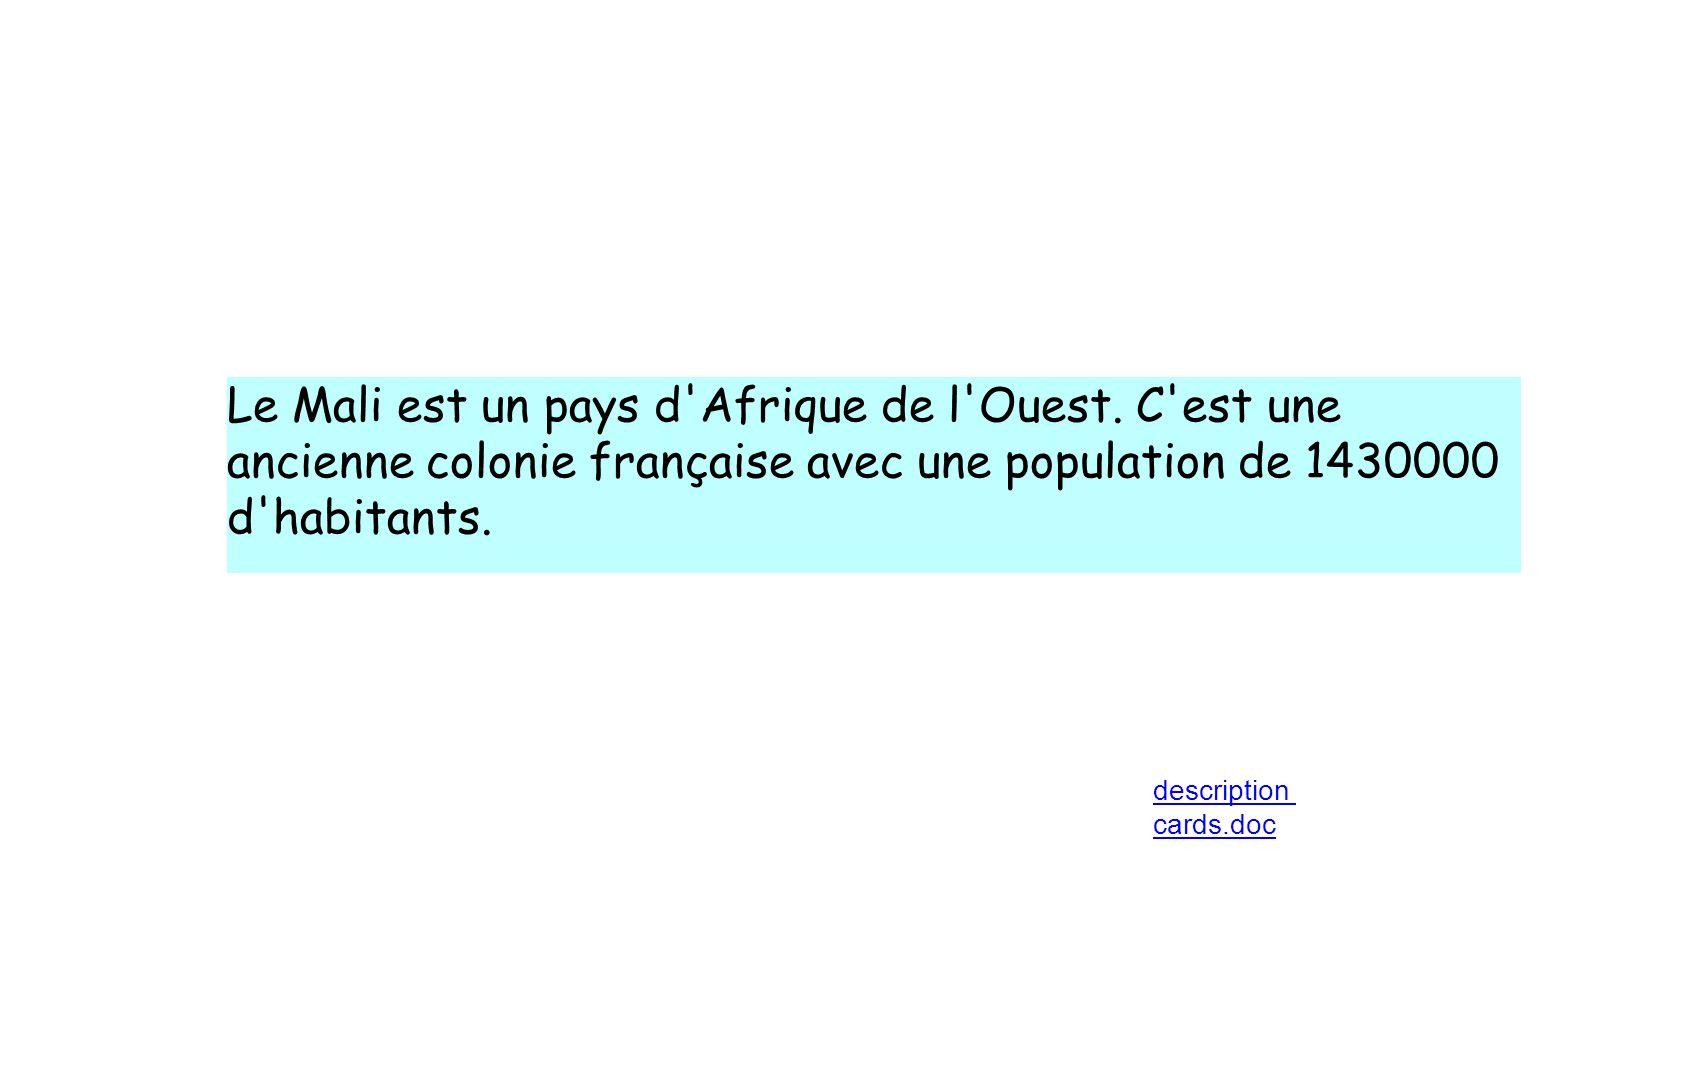 Le Mali est un pays d Afrique de l Ouest. C est une